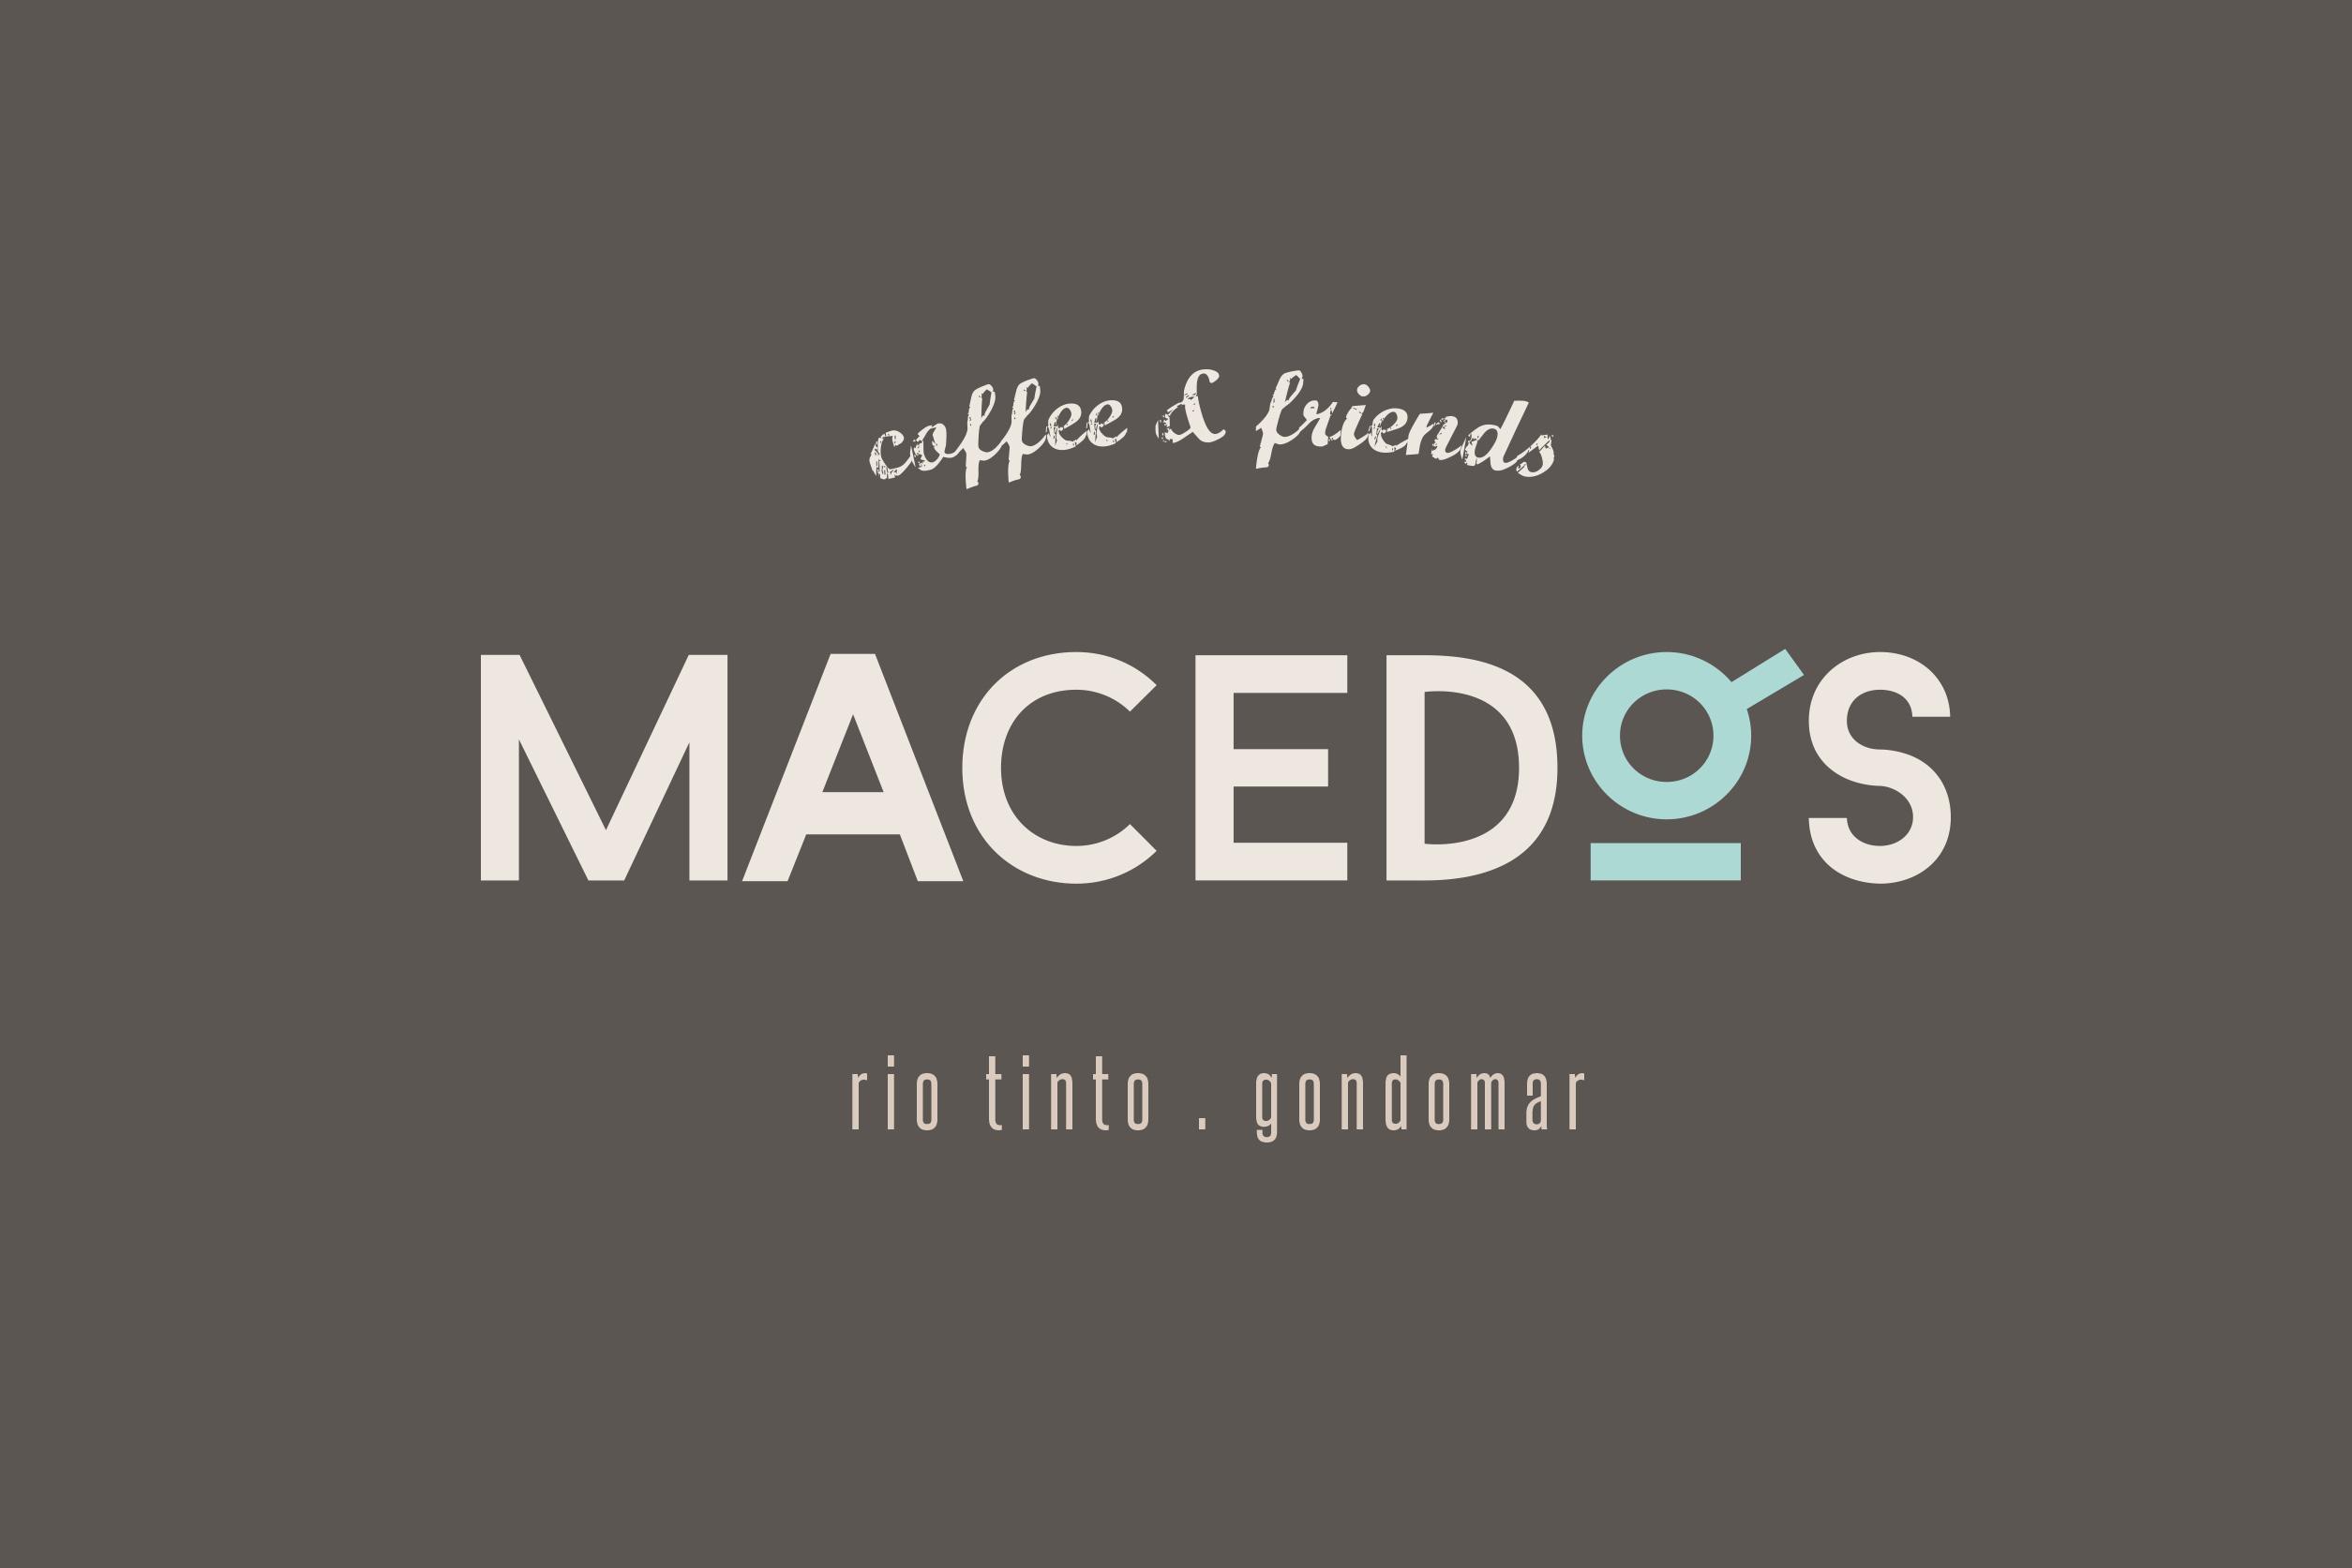 macedos-logo1